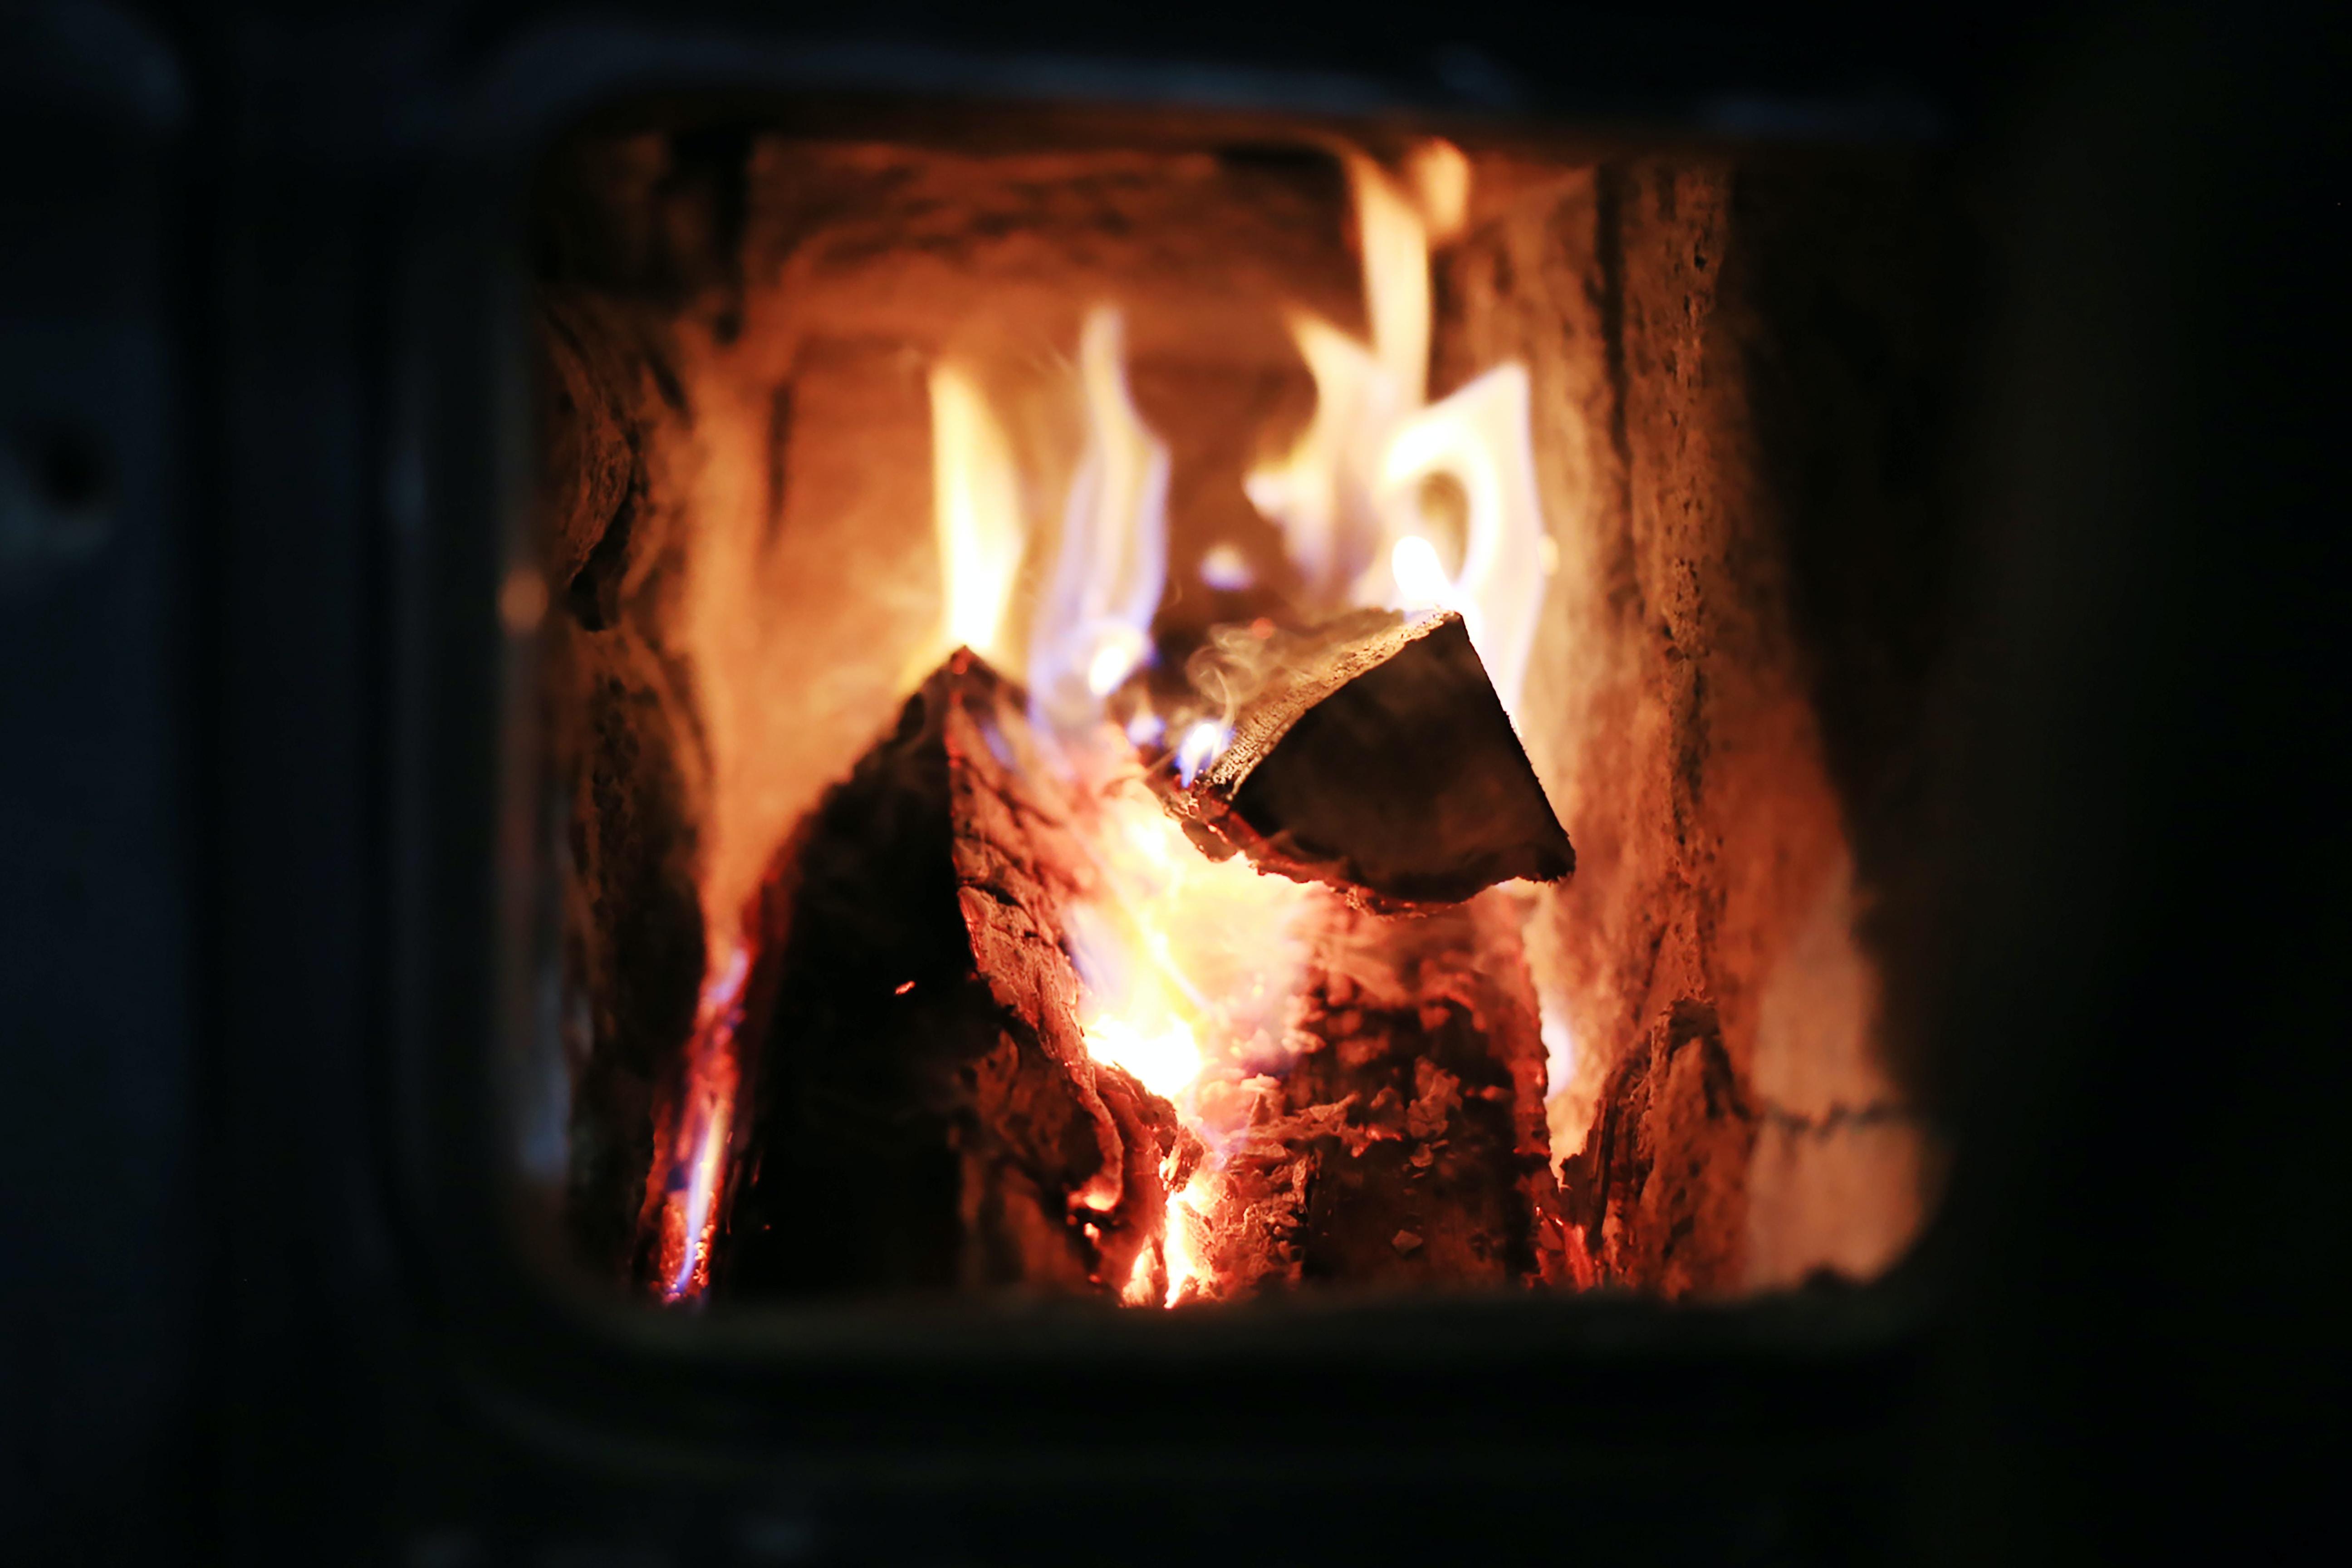 macro photography of wood burning